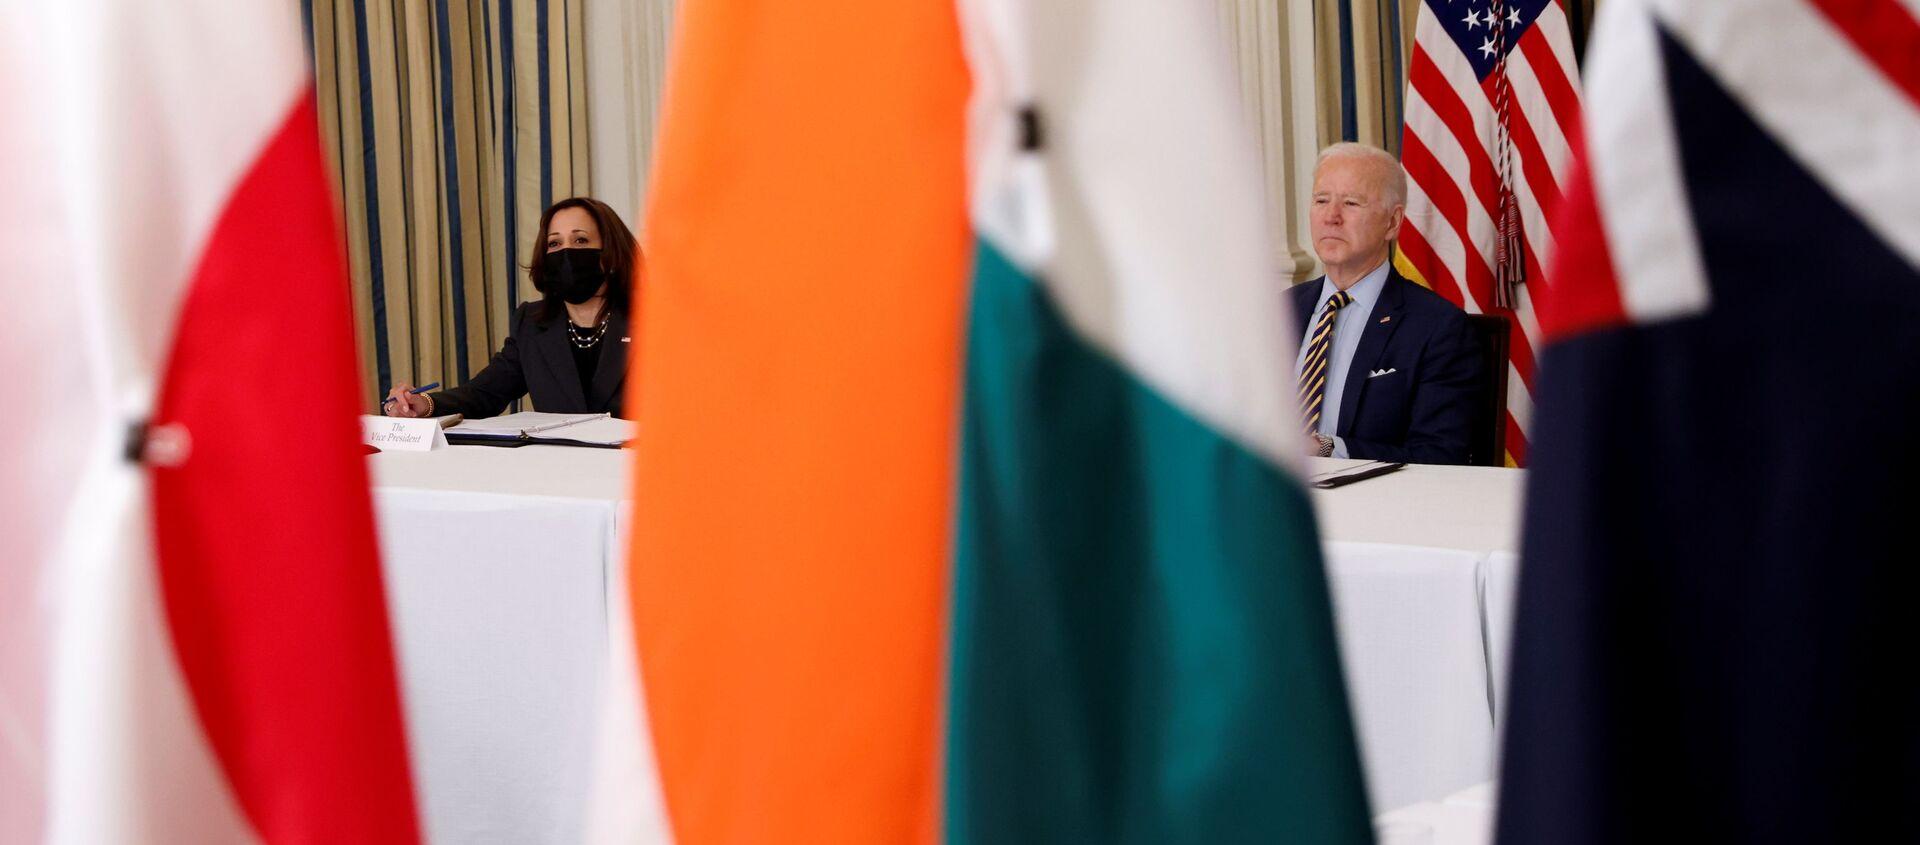 Tổng thống Joe Biden và Phó Tổng thống Kamala Harris tham dự cuộc họp trực tuyến QUAD tại Nhà Trắng ở Washington - Sputnik Việt Nam, 1920, 25.09.2021